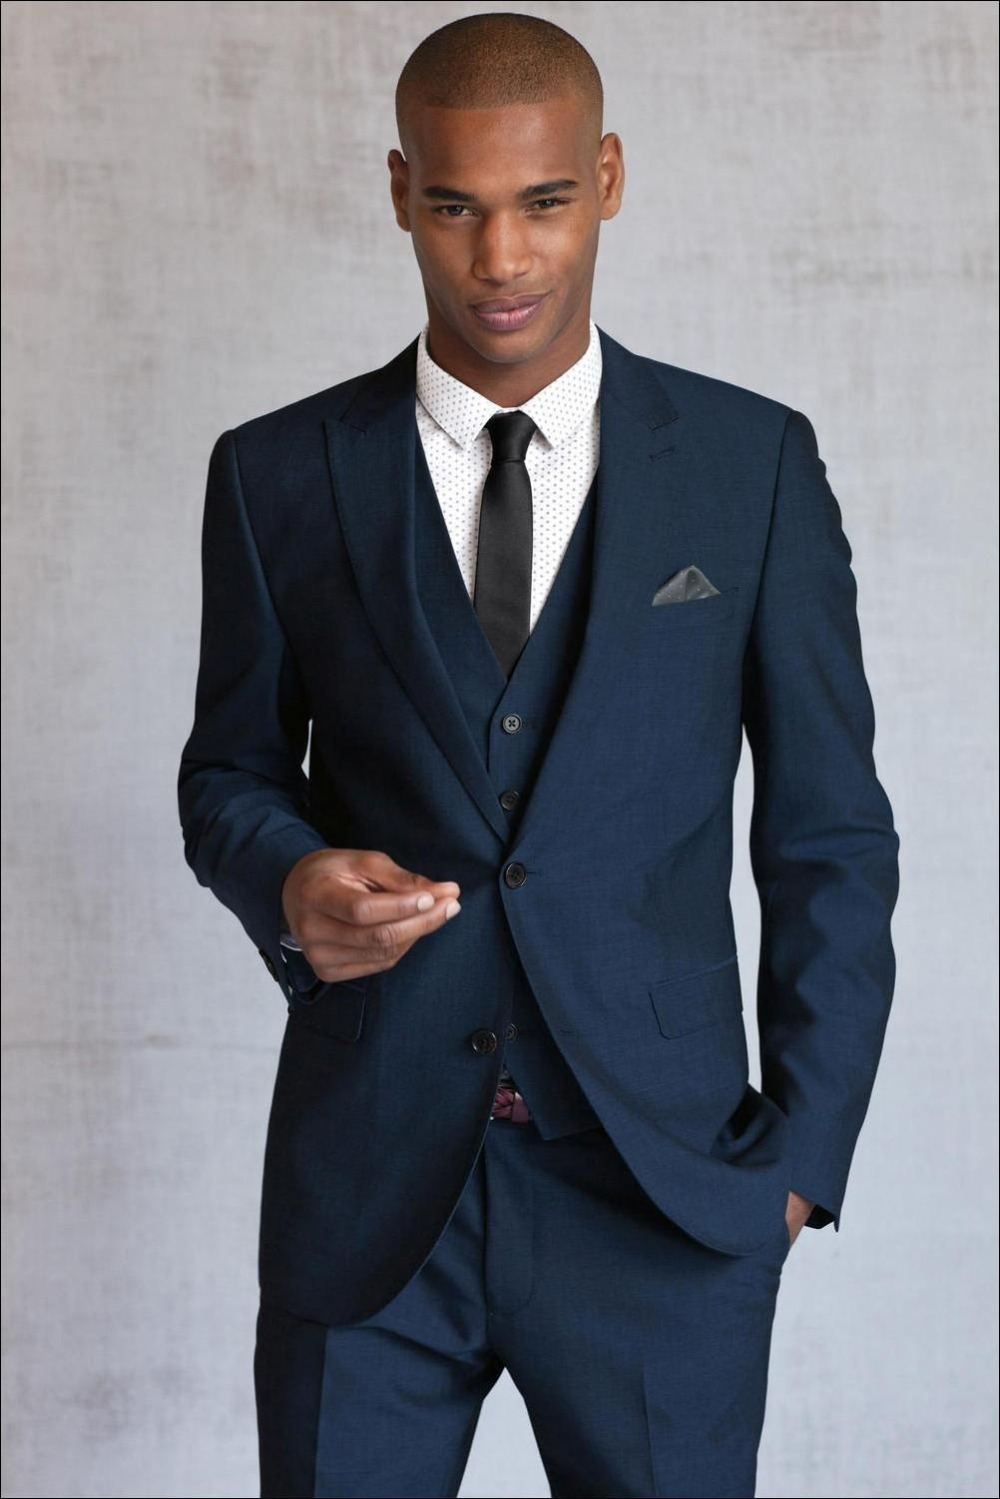 new arrival tuxedo formal style mens wedding dress groom